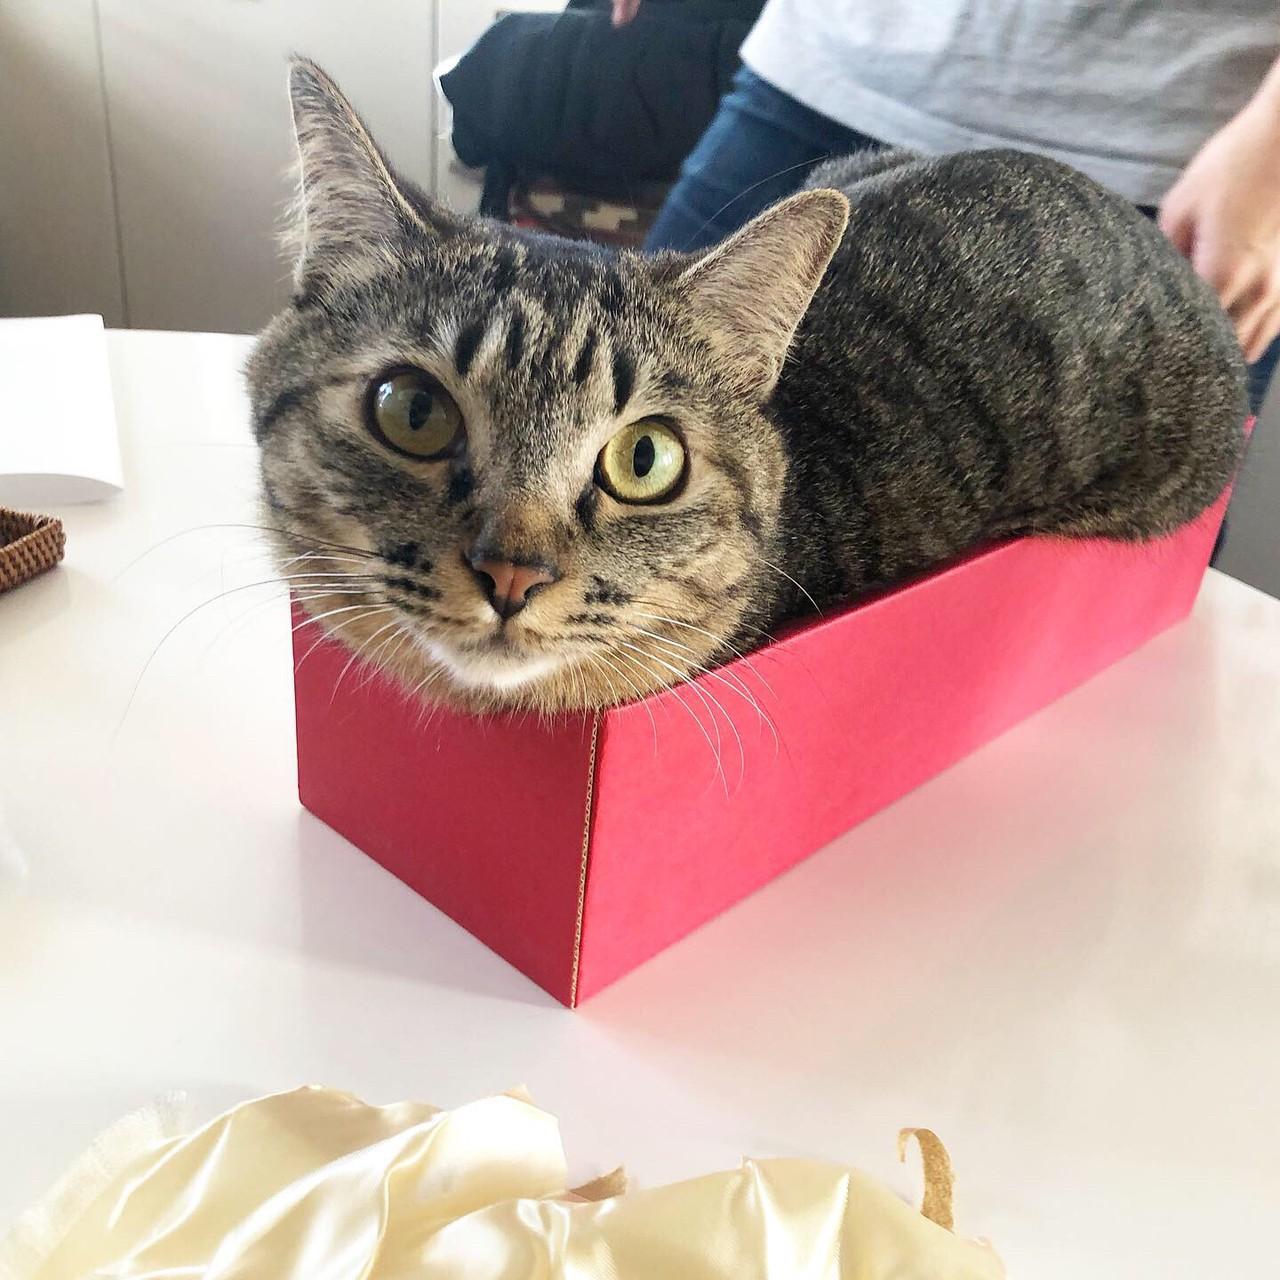 日本酒が入っていた箱に入る猫。雑種・サンちゃん